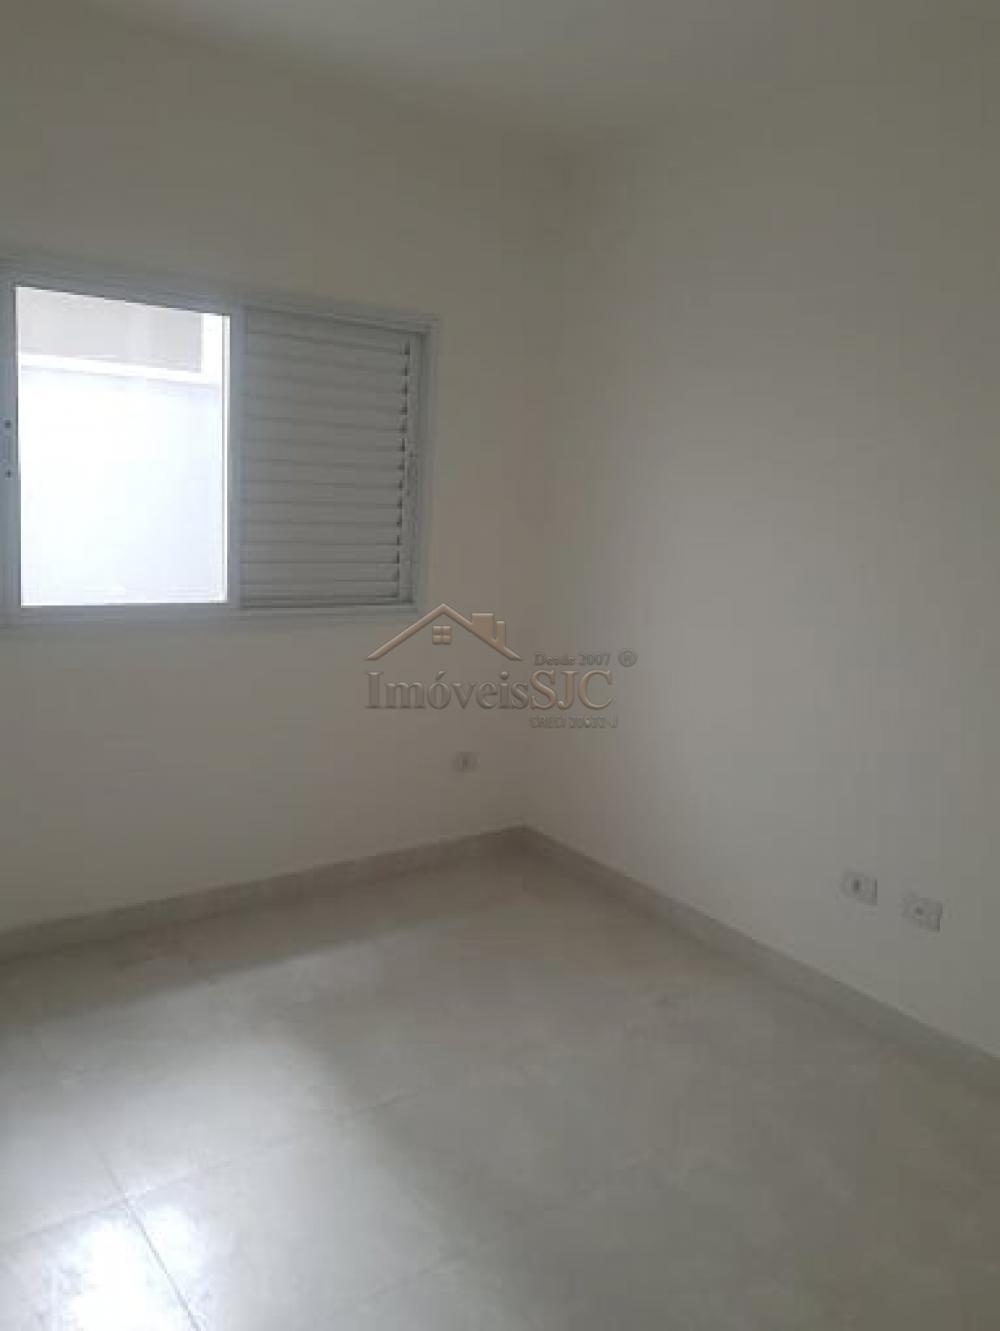 Comprar Casas / Padrão em São José dos Campos apenas R$ 437.000,00 - Foto 4